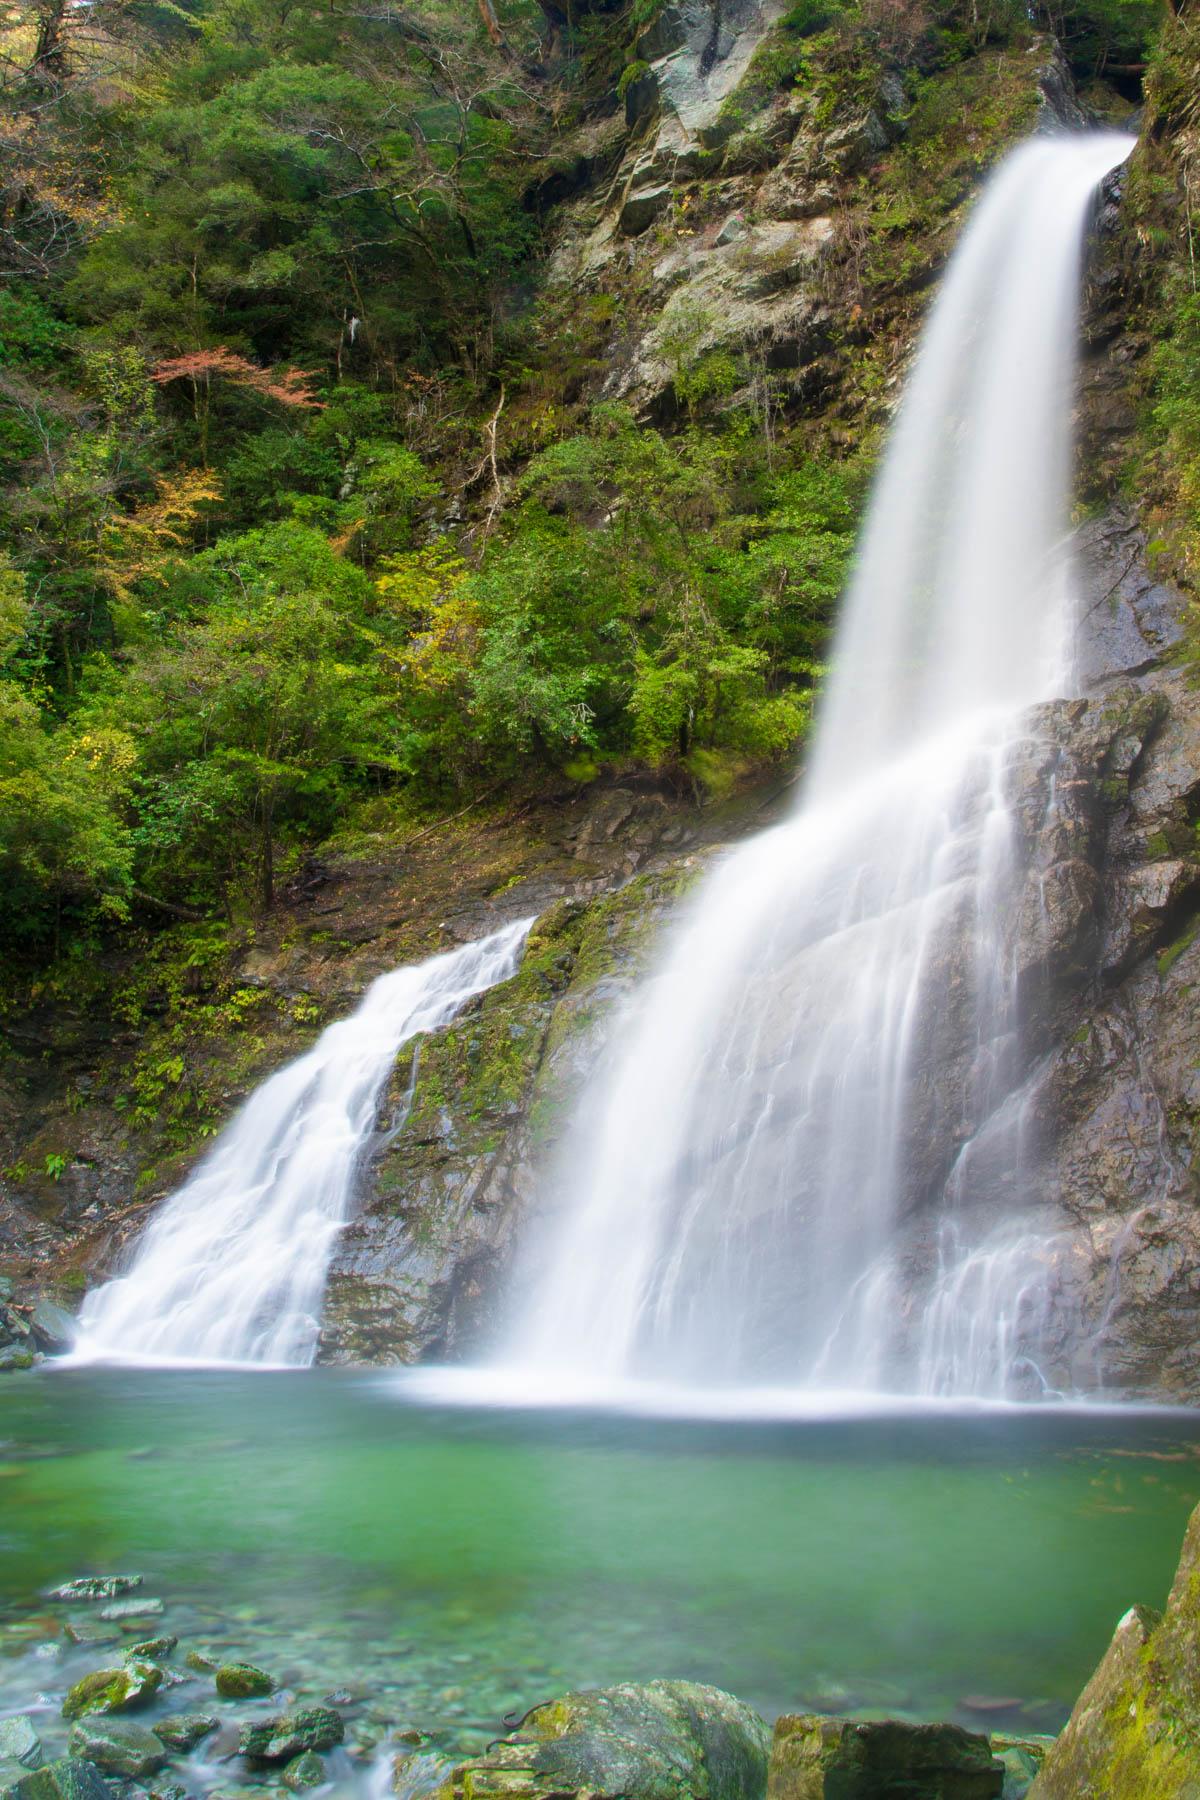 安居渓谷の飛龍の滝